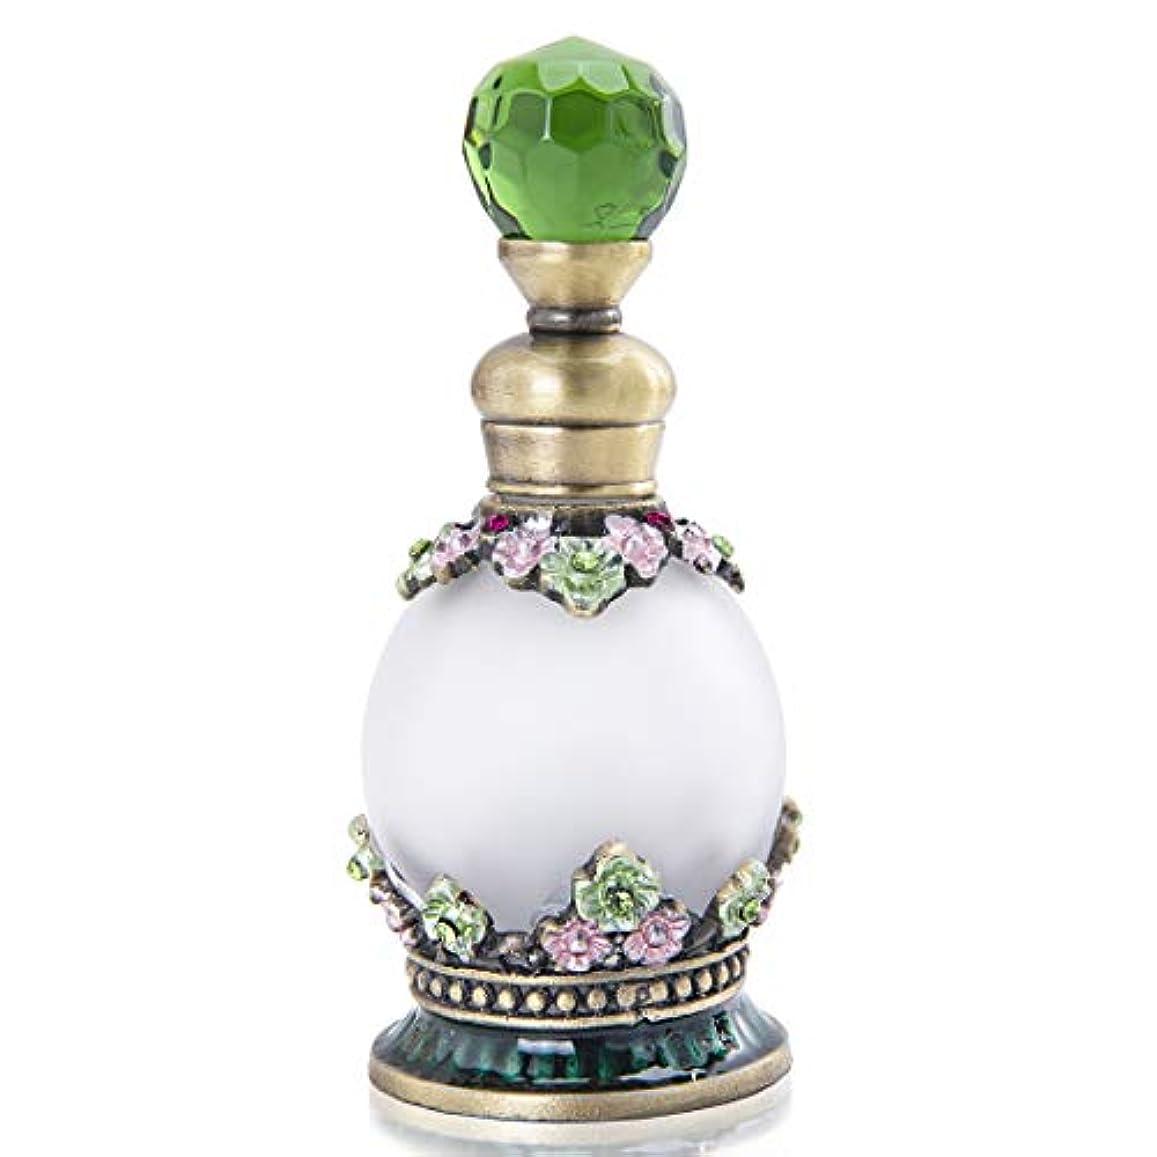 おじさんふくろうクマノミ綺麗で古そうな詰め替え香水瓶、緑クリスタル飾りのガラスボトル容器(15ml)